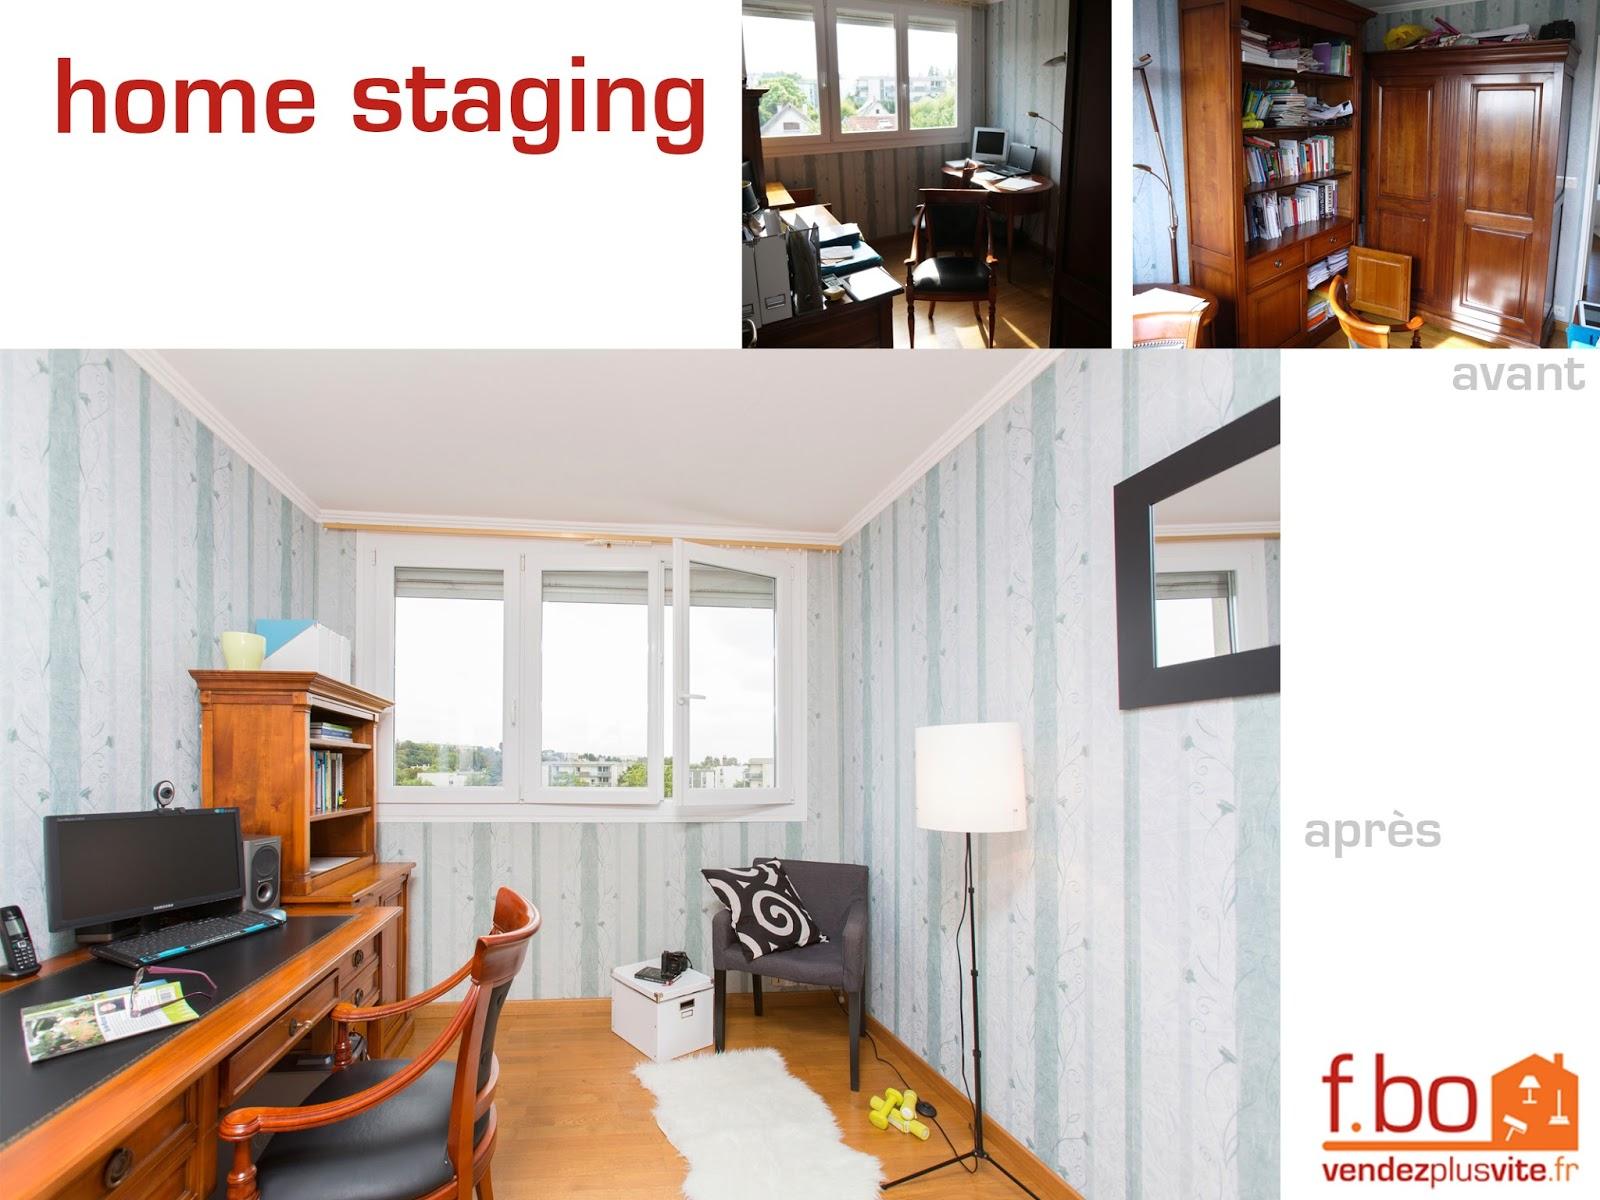 vendez plus vite votre bien des photos de home staging avant apr s. Black Bedroom Furniture Sets. Home Design Ideas